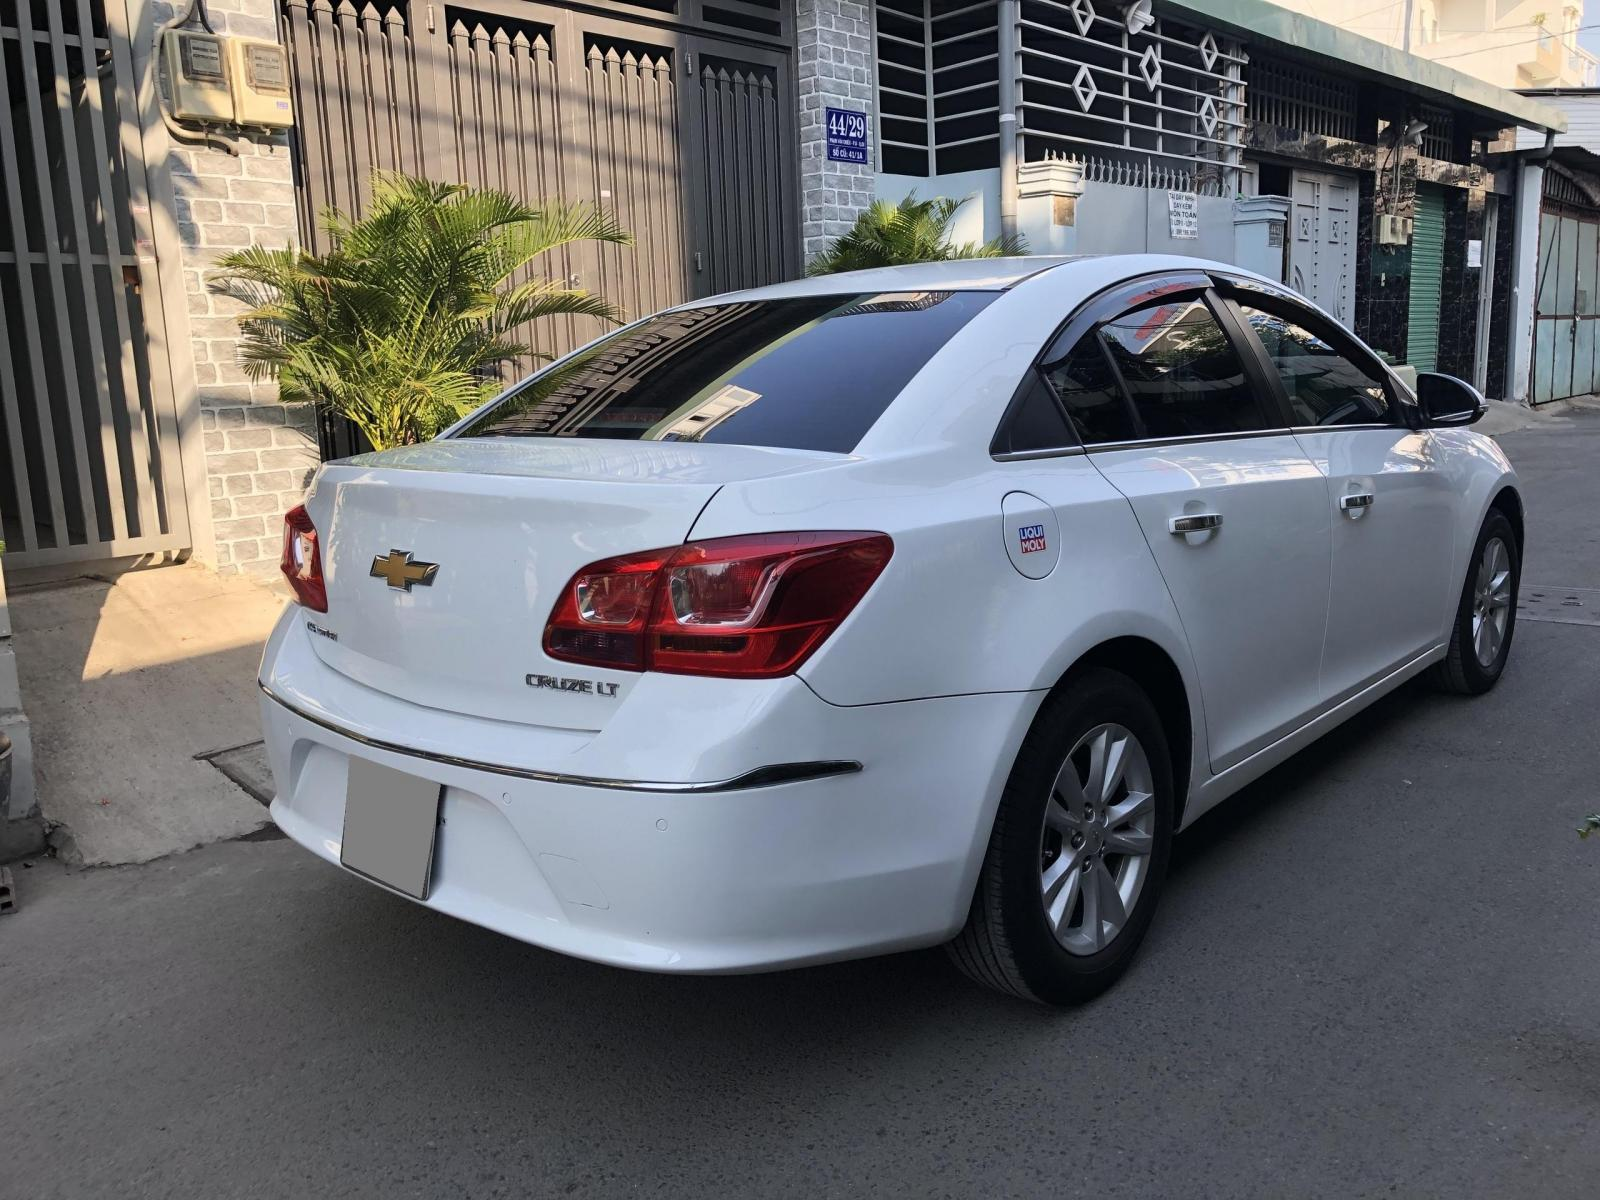 Cần bán xe Chevrolet Cruze 2017 màu trắng bản LT số sàn